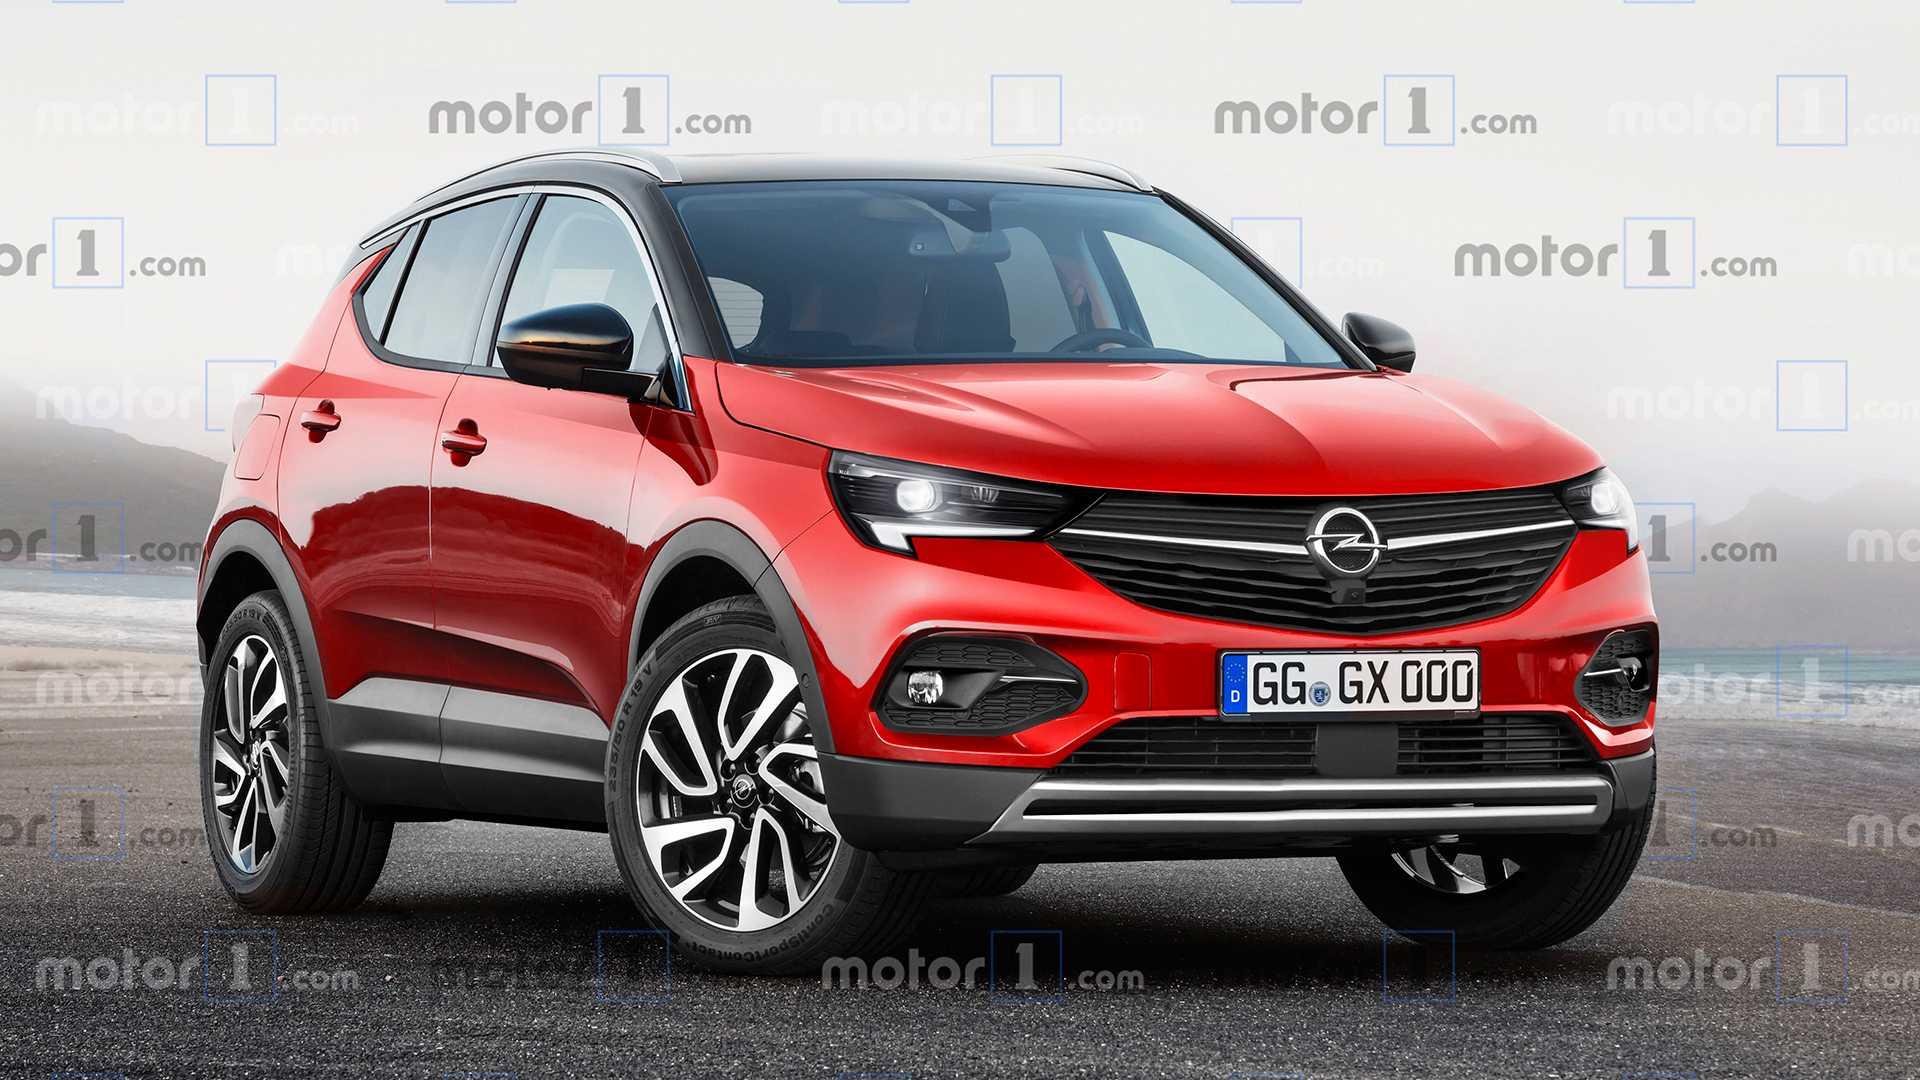 60 The Opel Nuovi Modelli 2020 Configurations by Opel Nuovi Modelli 2020